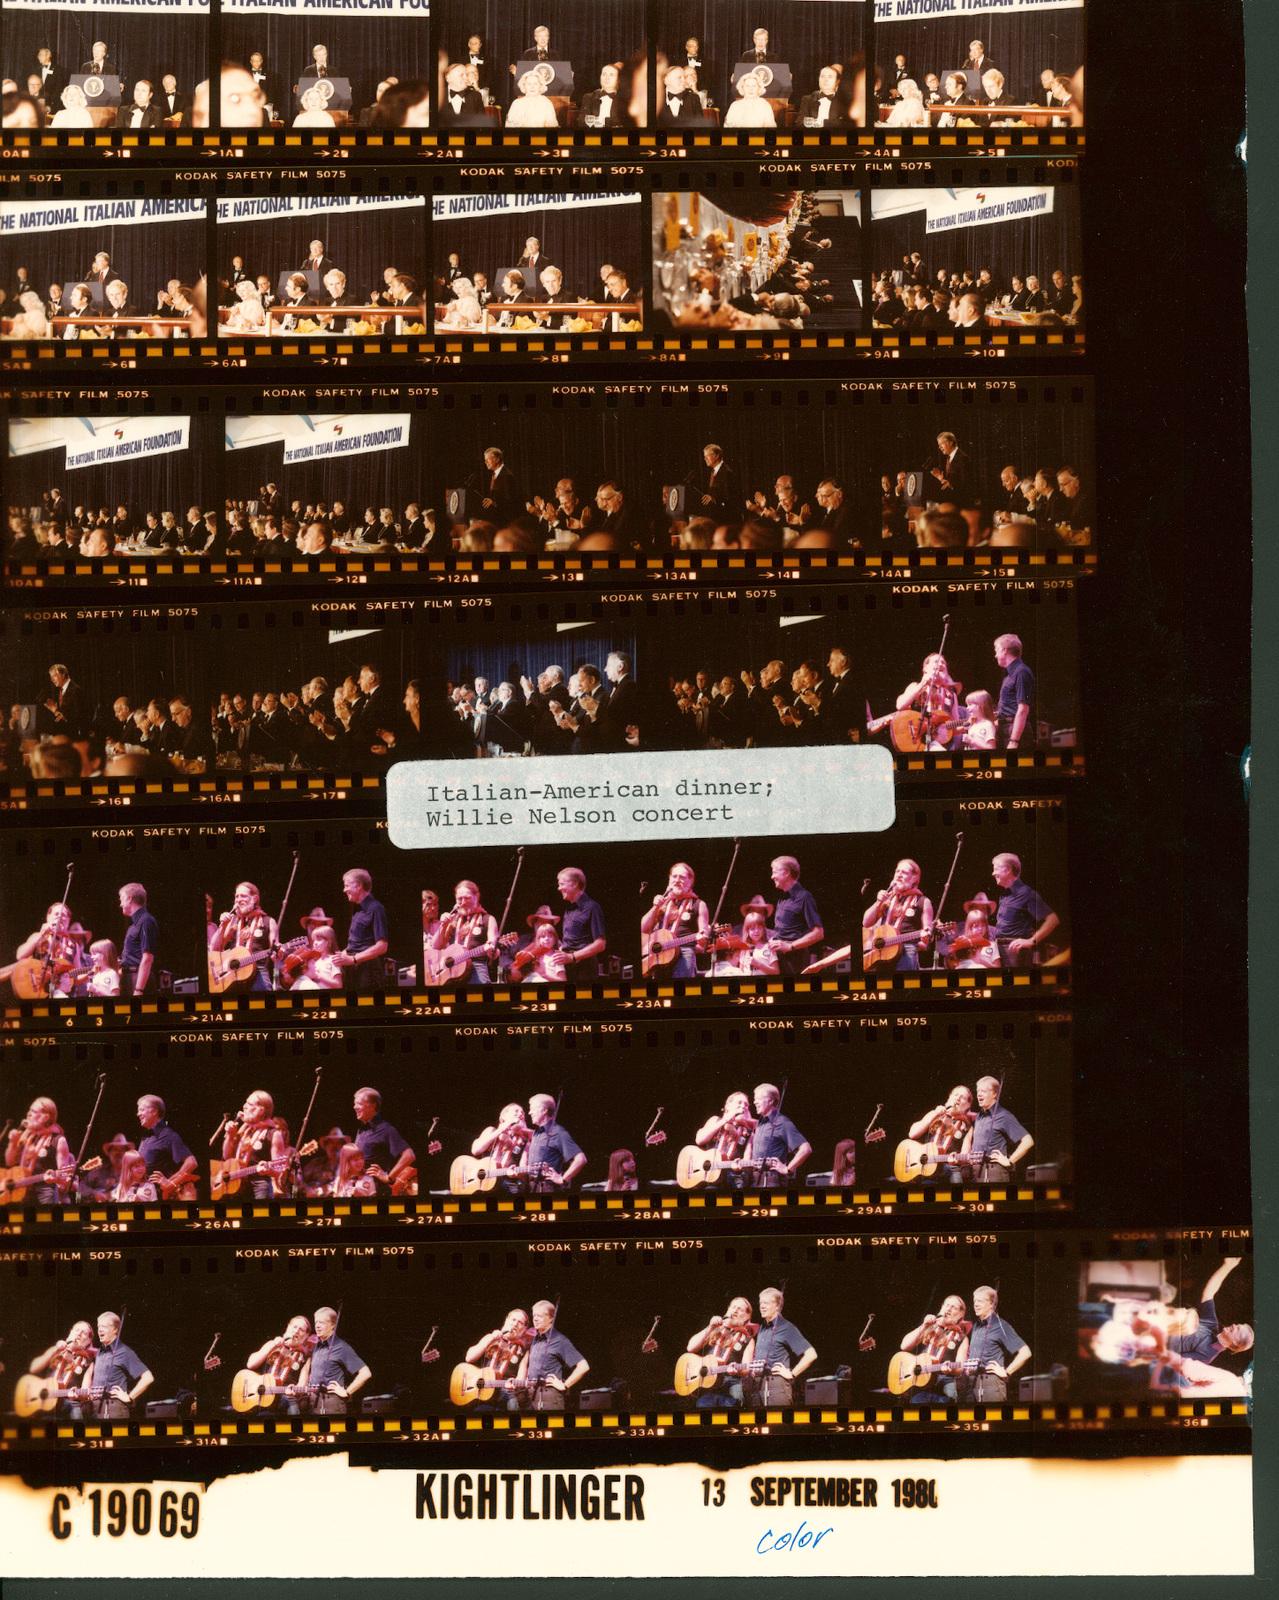 Jimmy Carter - Italian-American dinner, Fr. 1-19; Willie Nelson concert, Fr. 20-36